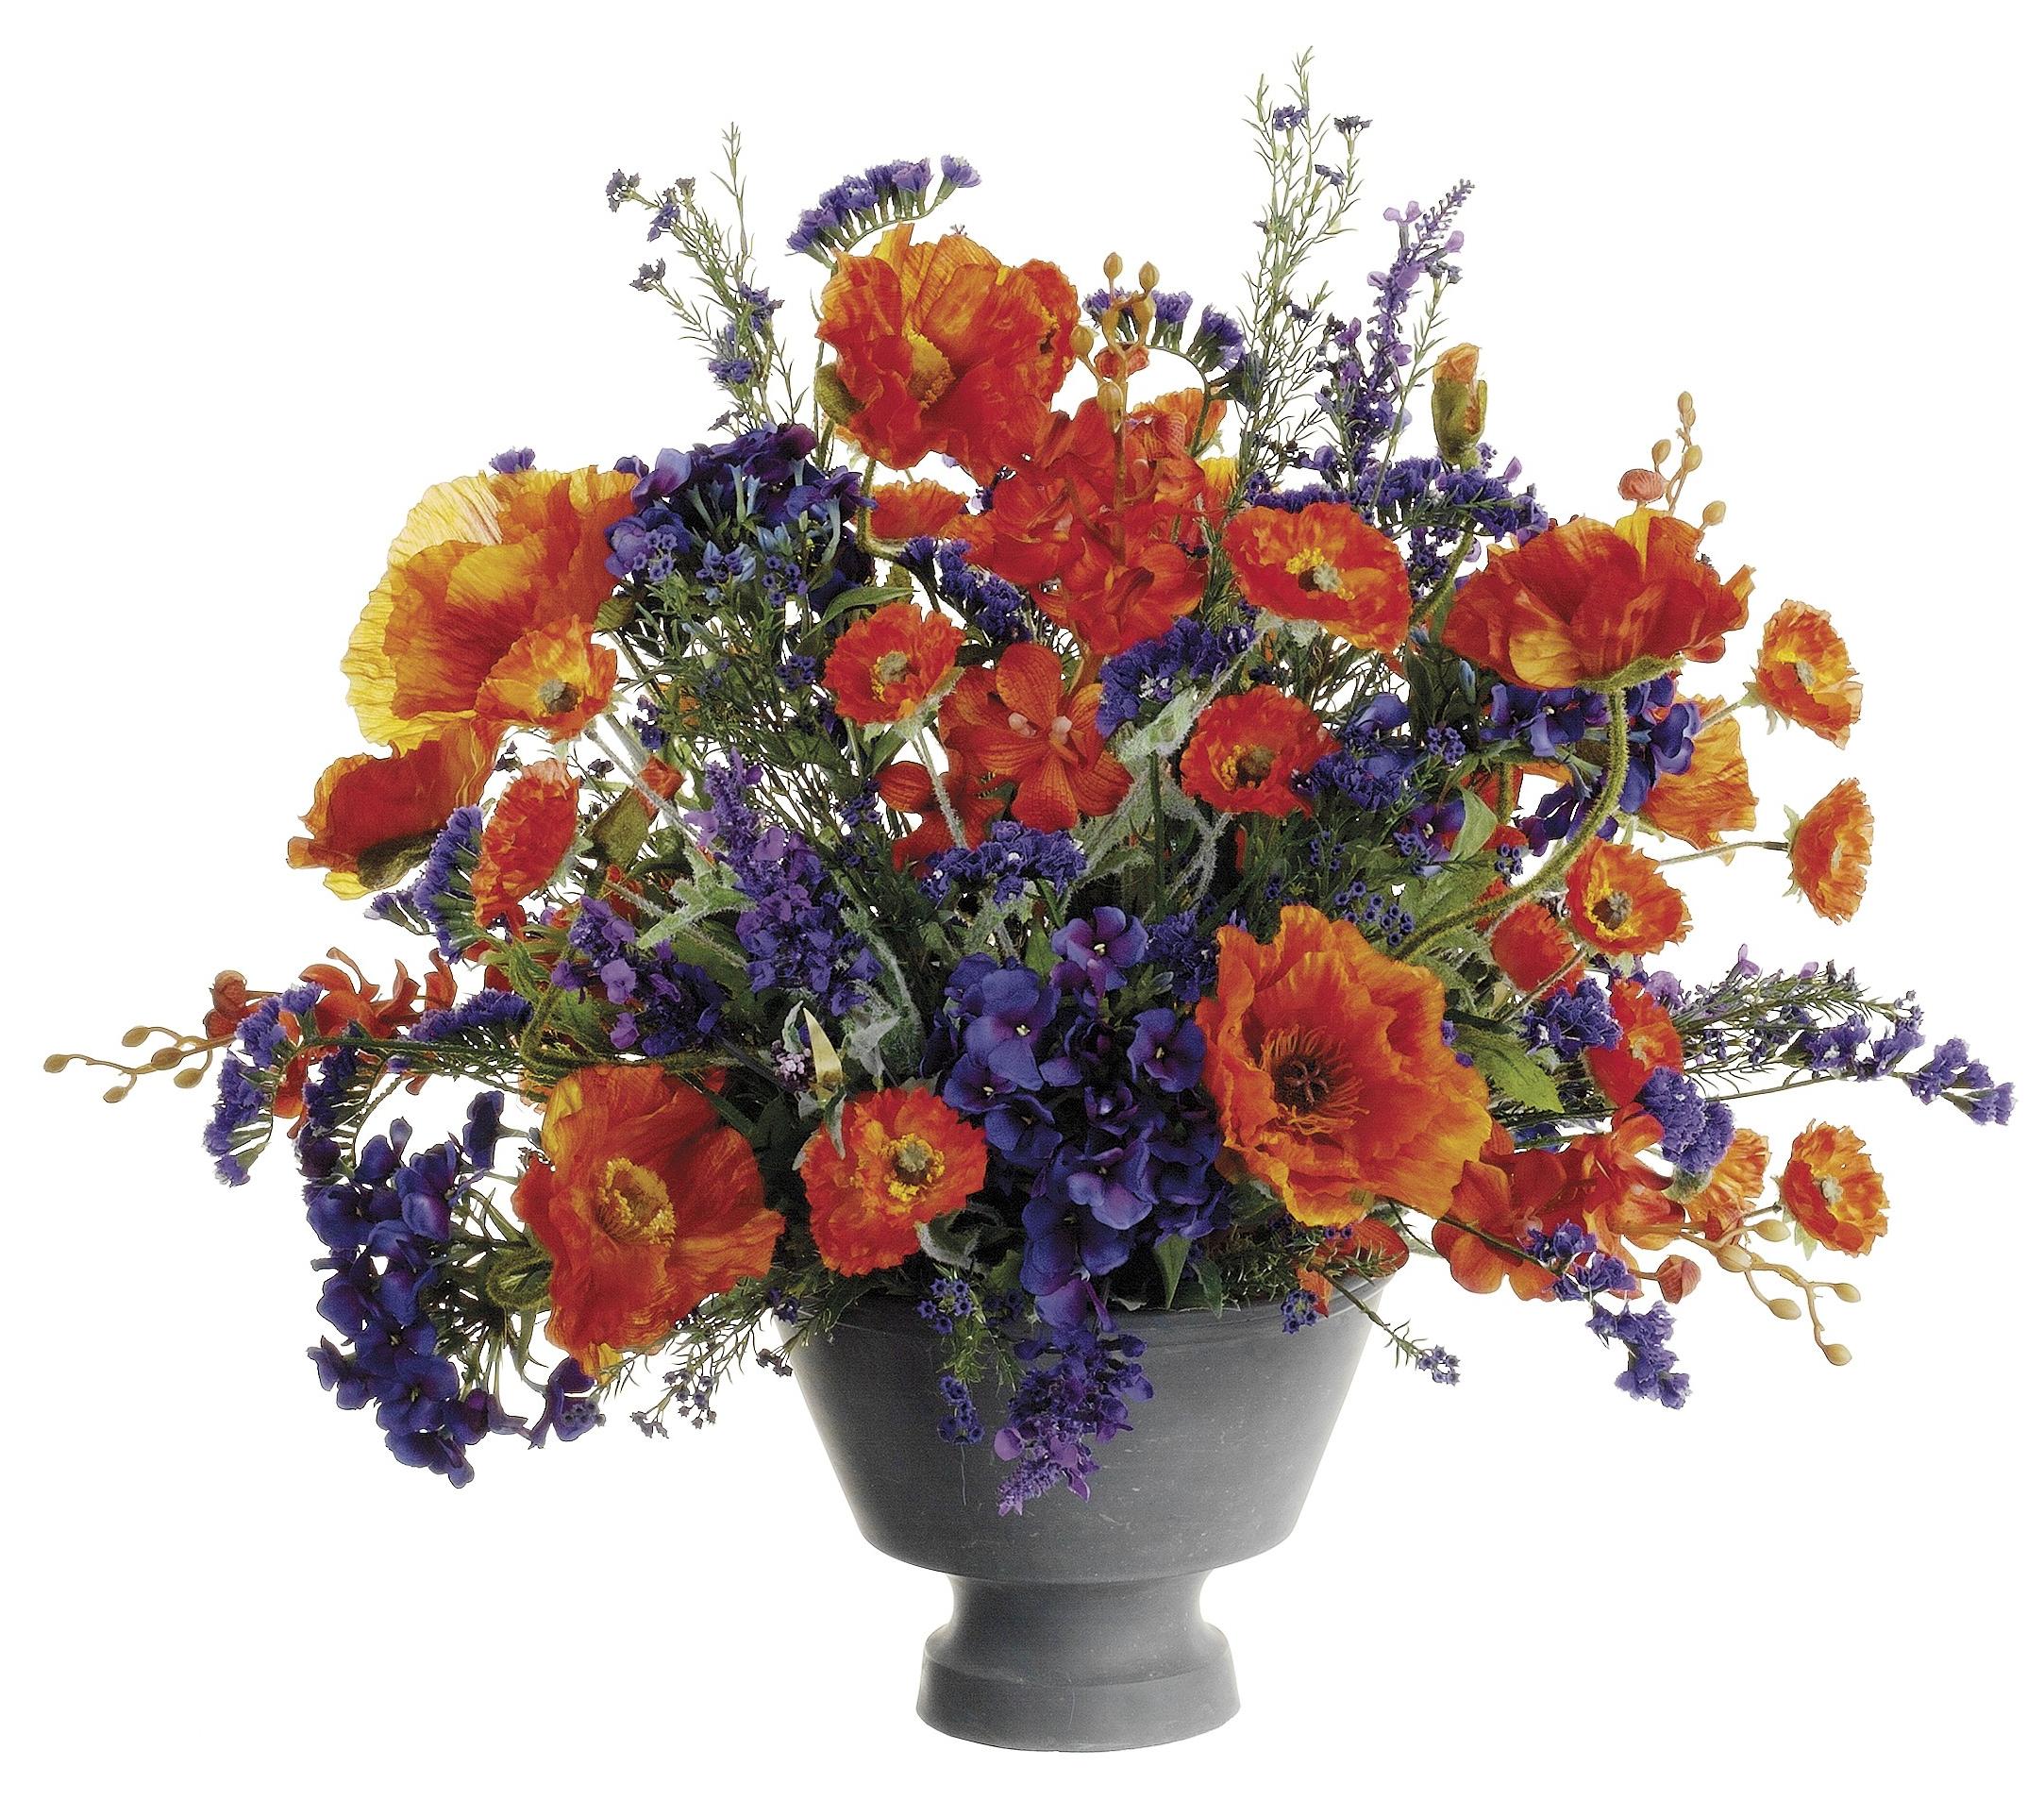 Image Result For Orange And Lavender Flower Arrangements Max